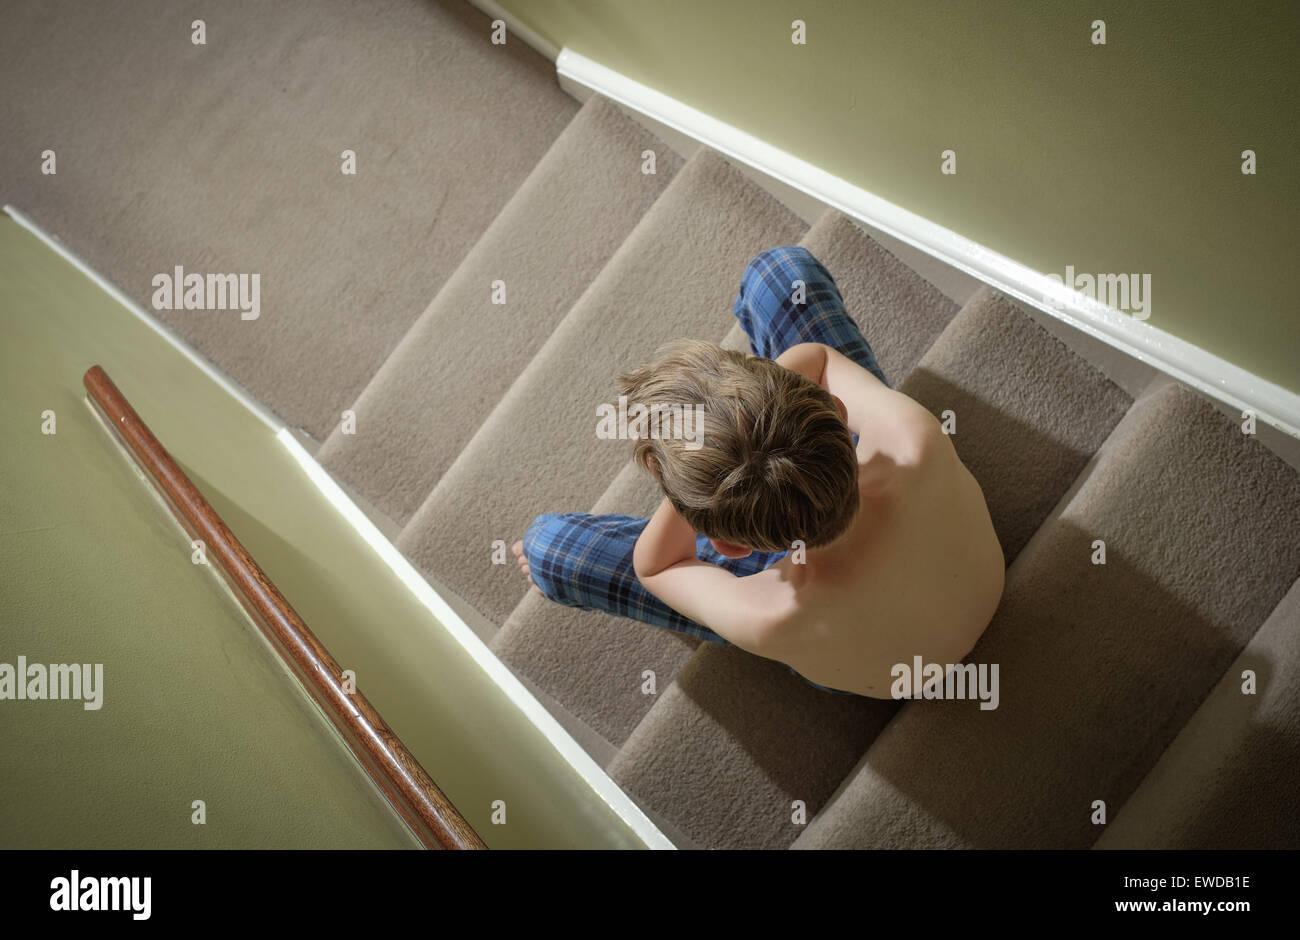 Un niño sentado en las escaleras con su cabeza en sus manos mirando disgustado Imagen De Stock